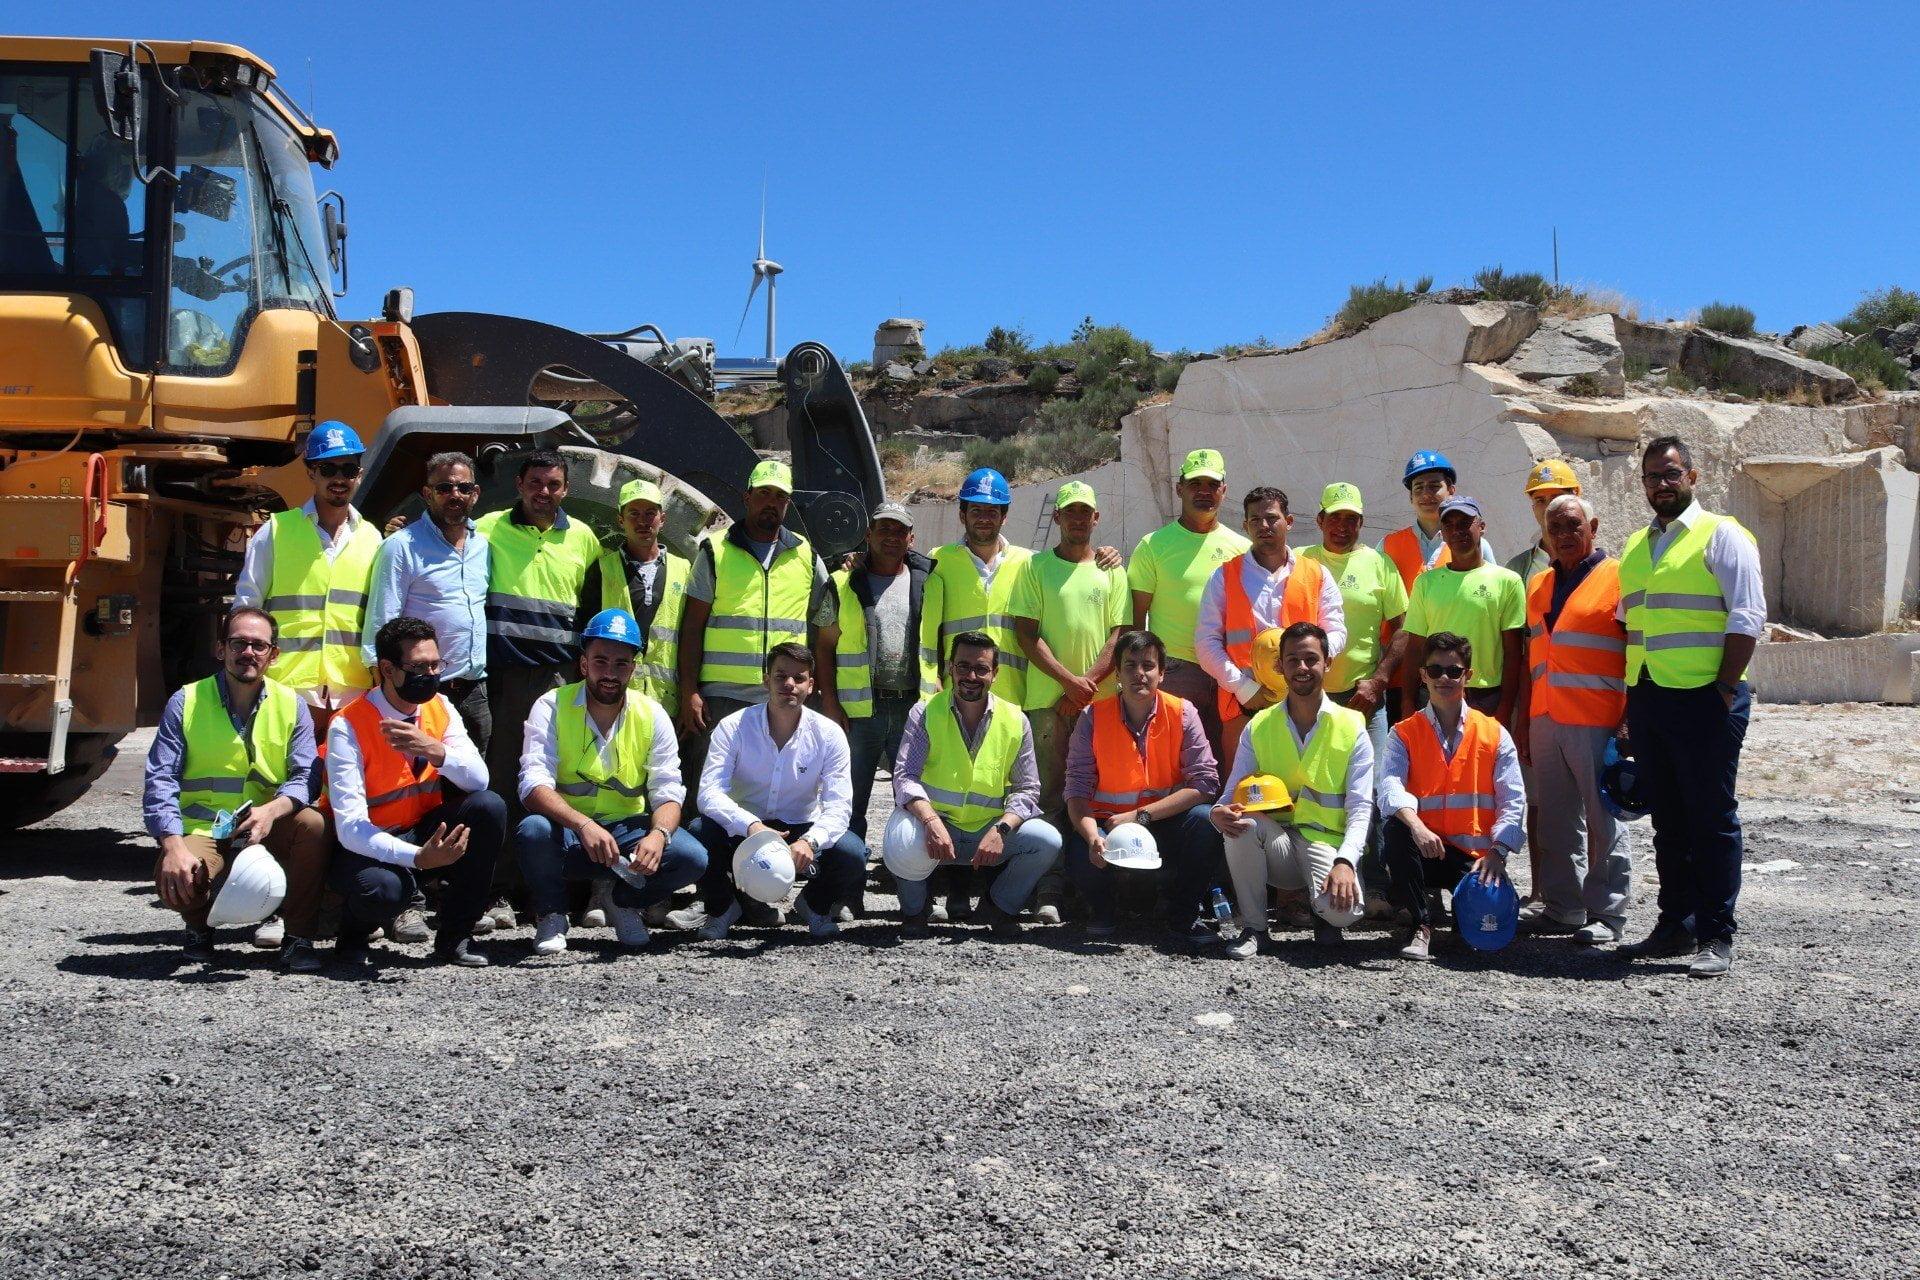 VISITA DO PRESIDENTE DO CDS-PP, Francisco Rodrigues Dos Santos À PEDREIRA DA ASG - Construções e Granitos, Lda